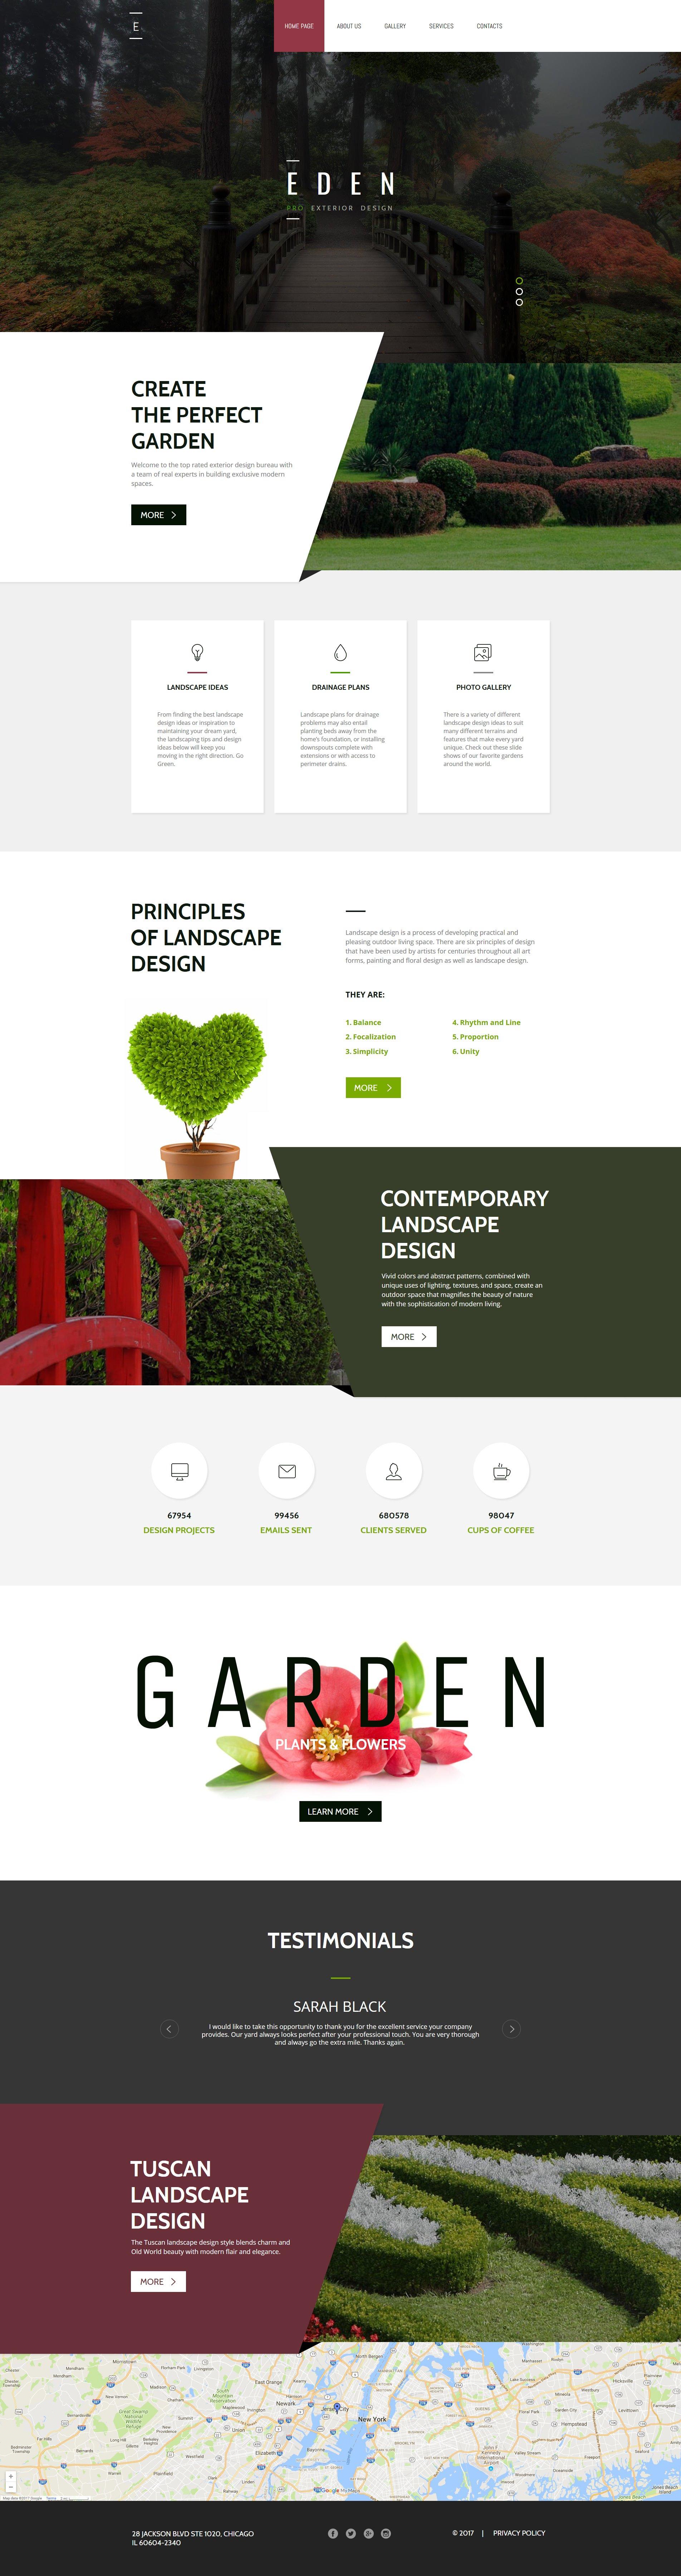 Responzivní Moto CMS HTML šablona na téma Design zahrady #63447